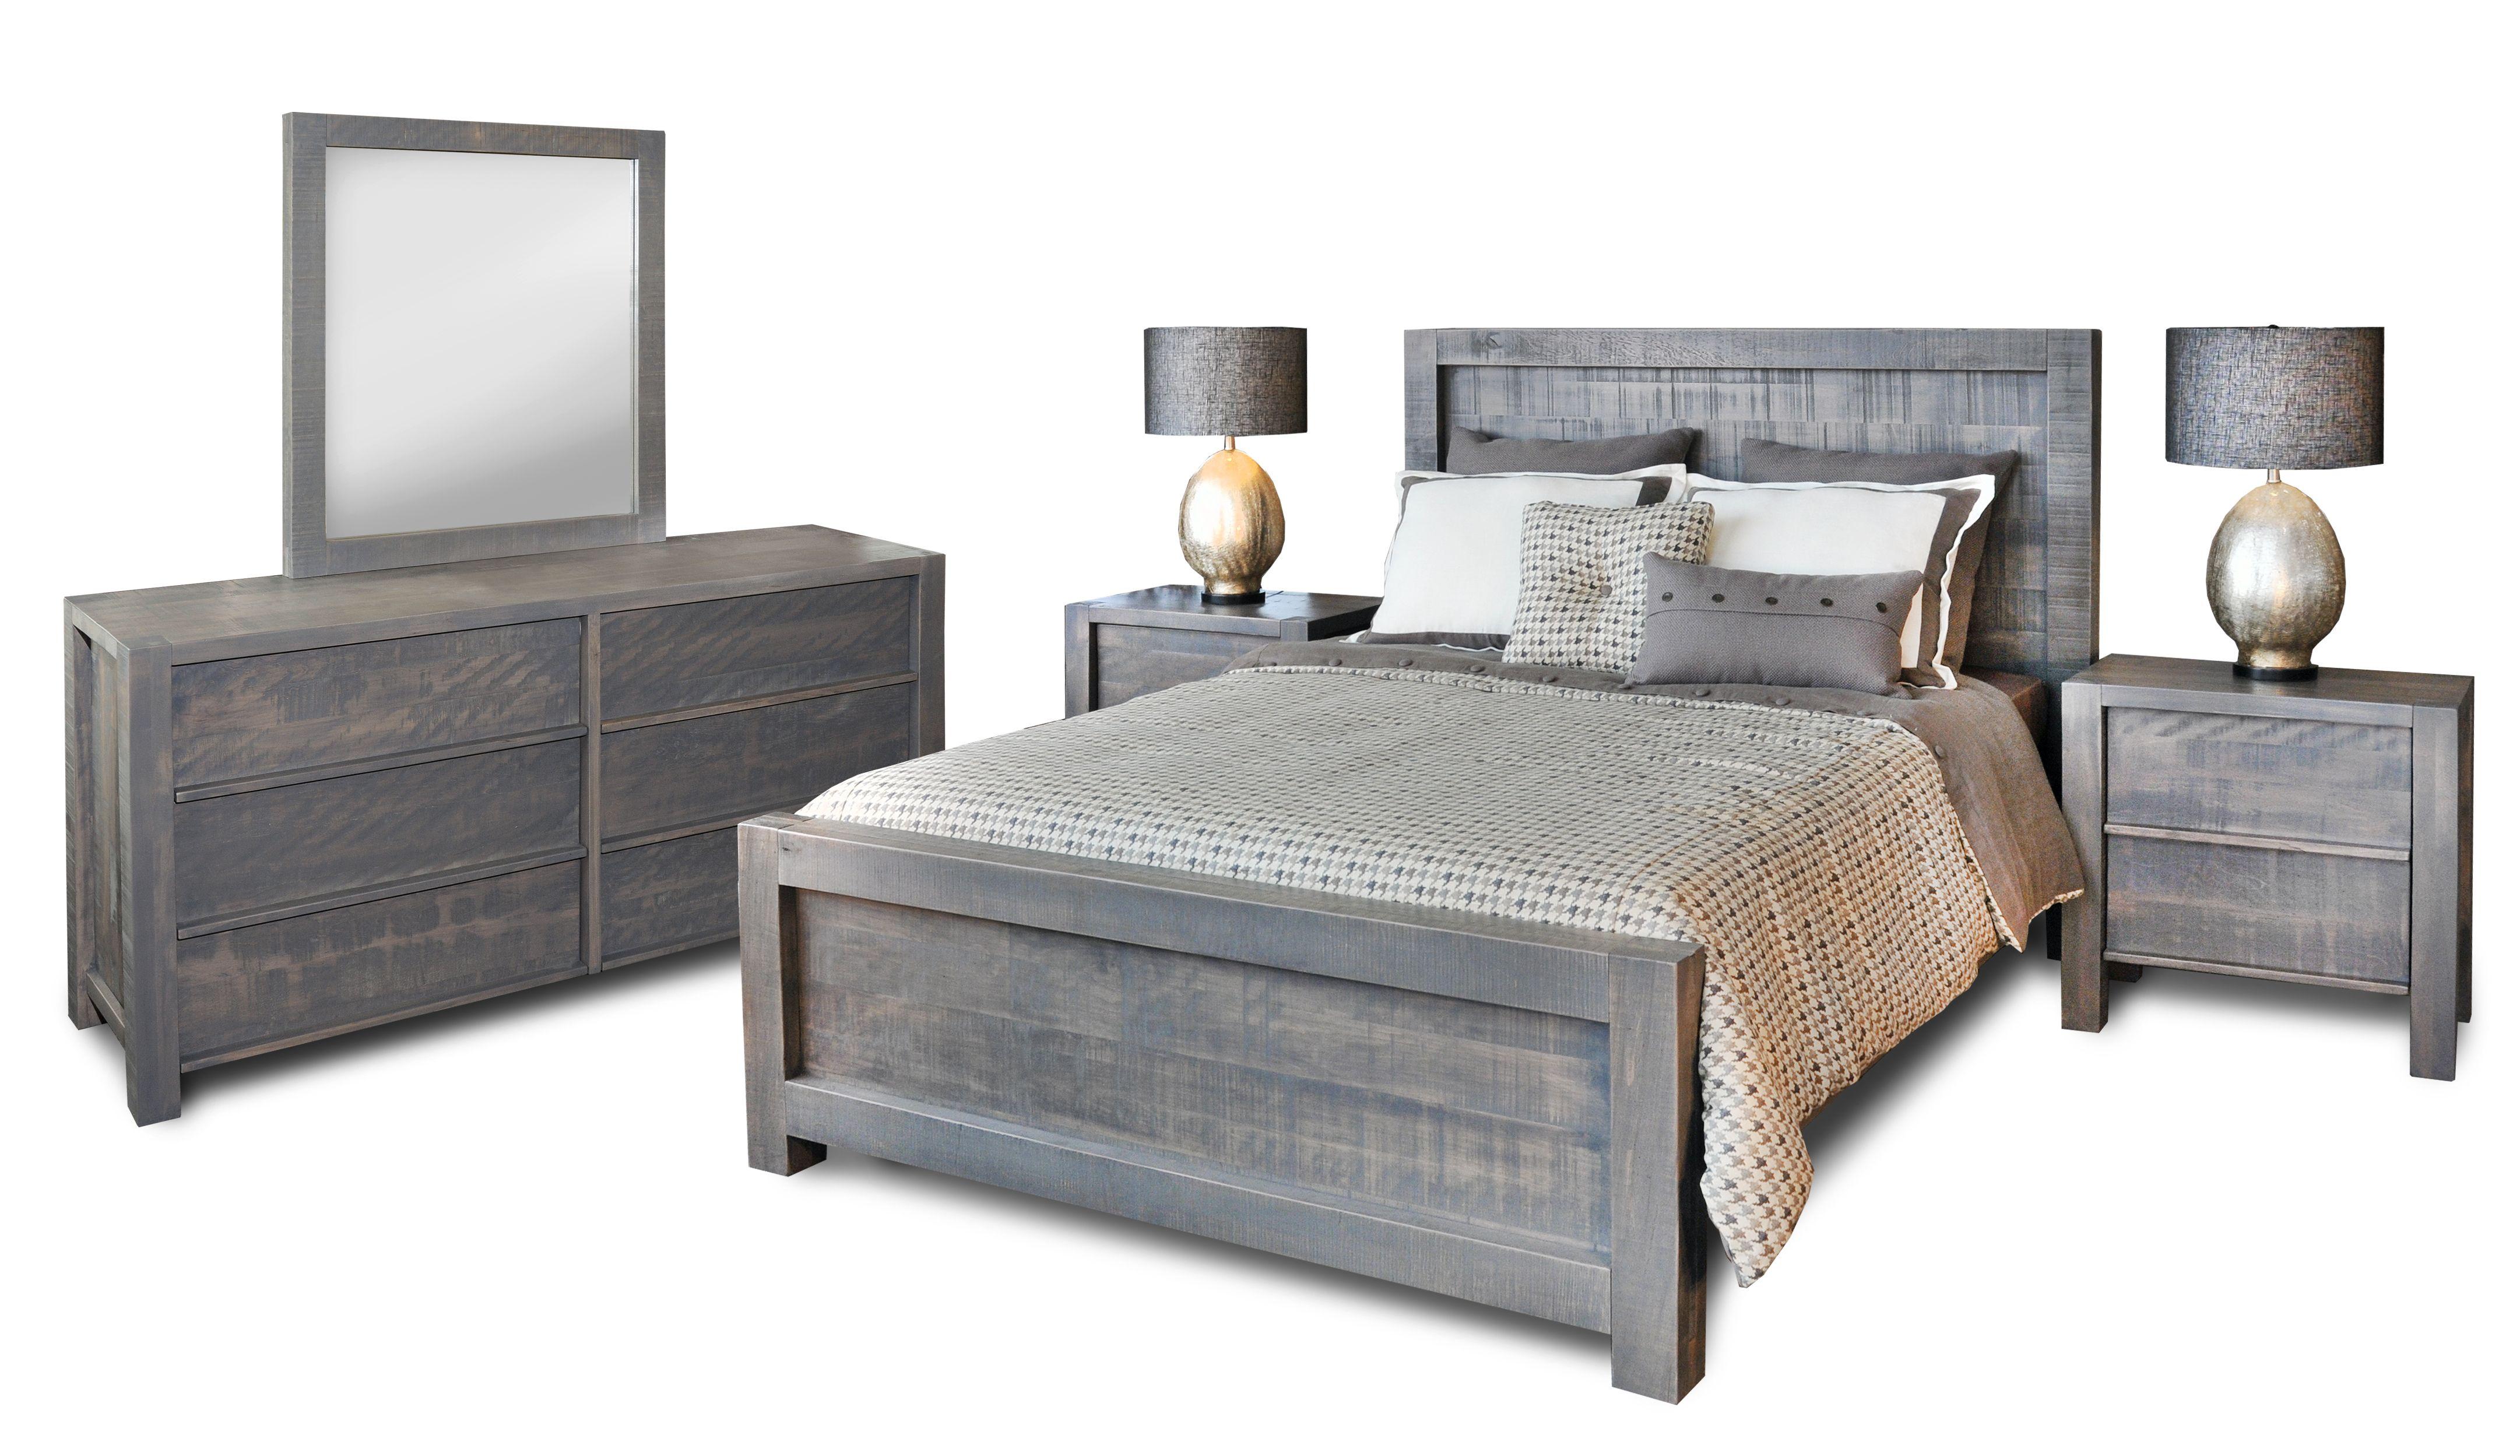 Sequoia Bedroom Wood Bedroom Sets Grey Bedroom Set Bedroom Sets Bedroom set grey wood